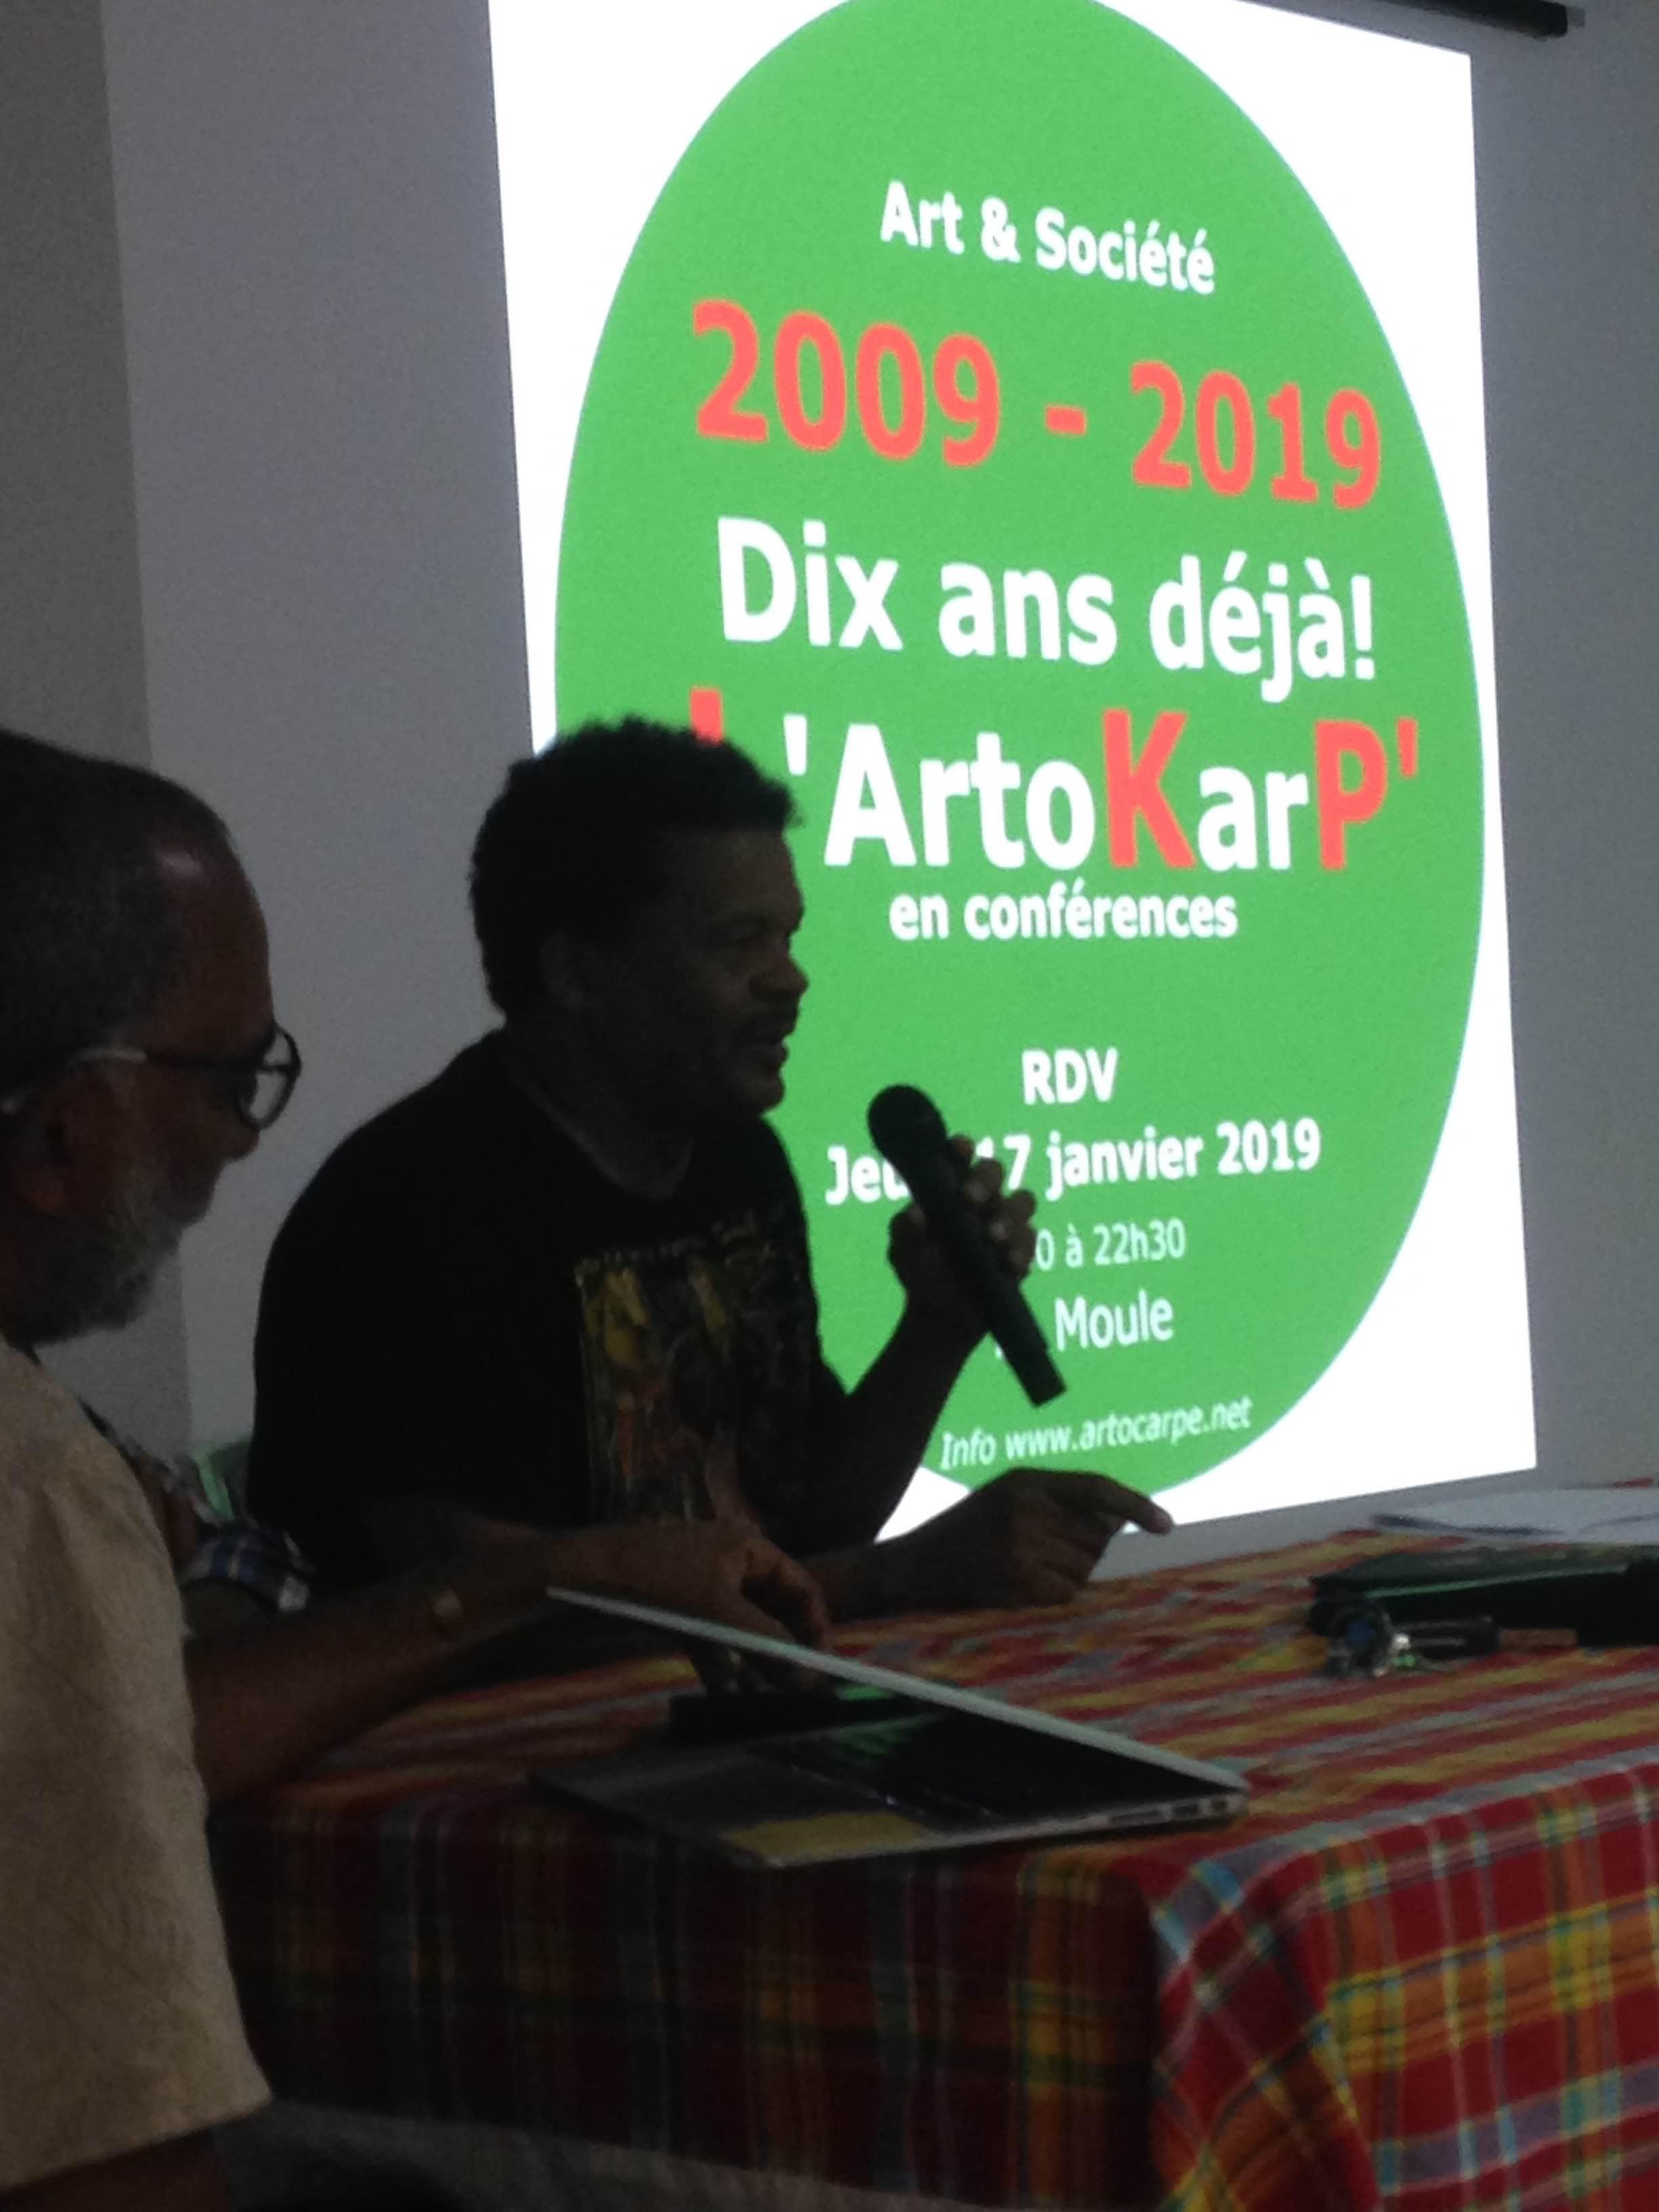 Le leader du LKP, Mr Elie Domota a cloturé cet événement-anniversaire de L'Artocarpe, qui tenait son événement conférence autour de la thématique Art & Société. Le LKP fêtant ses 10 ans également...